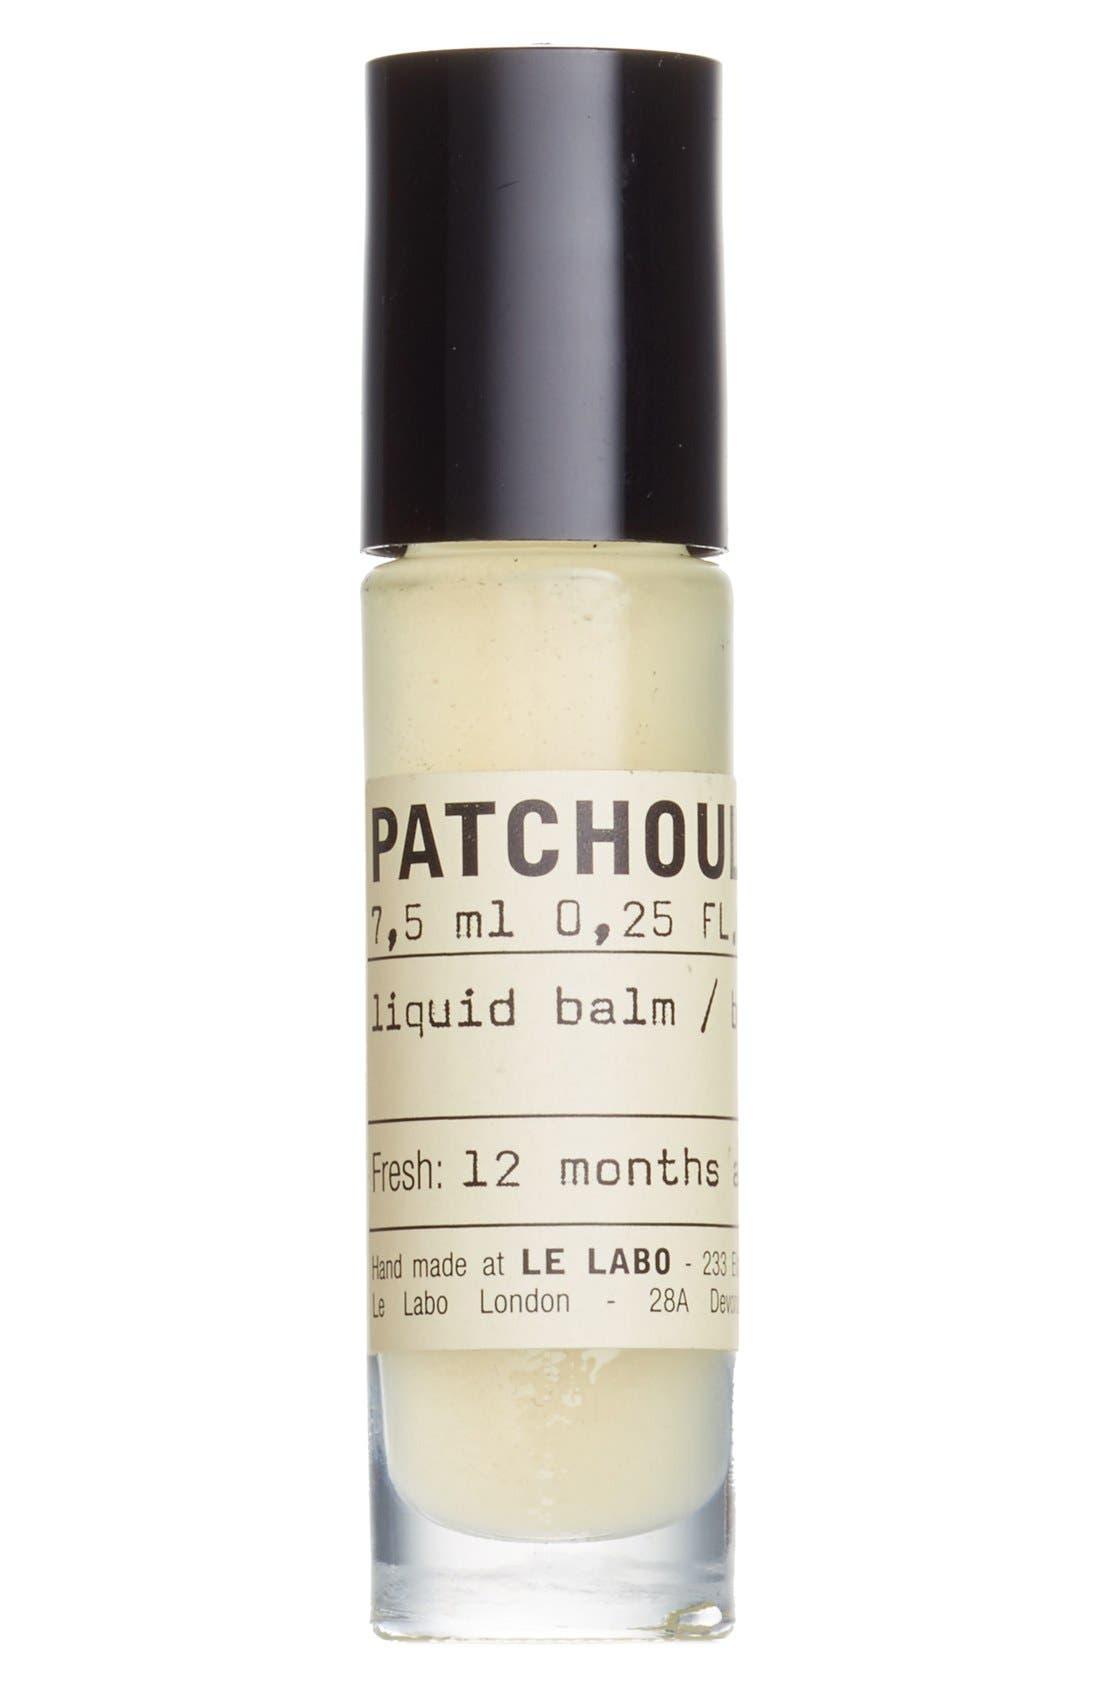 Le Labo 'Patchouli 24' Liquid Balm